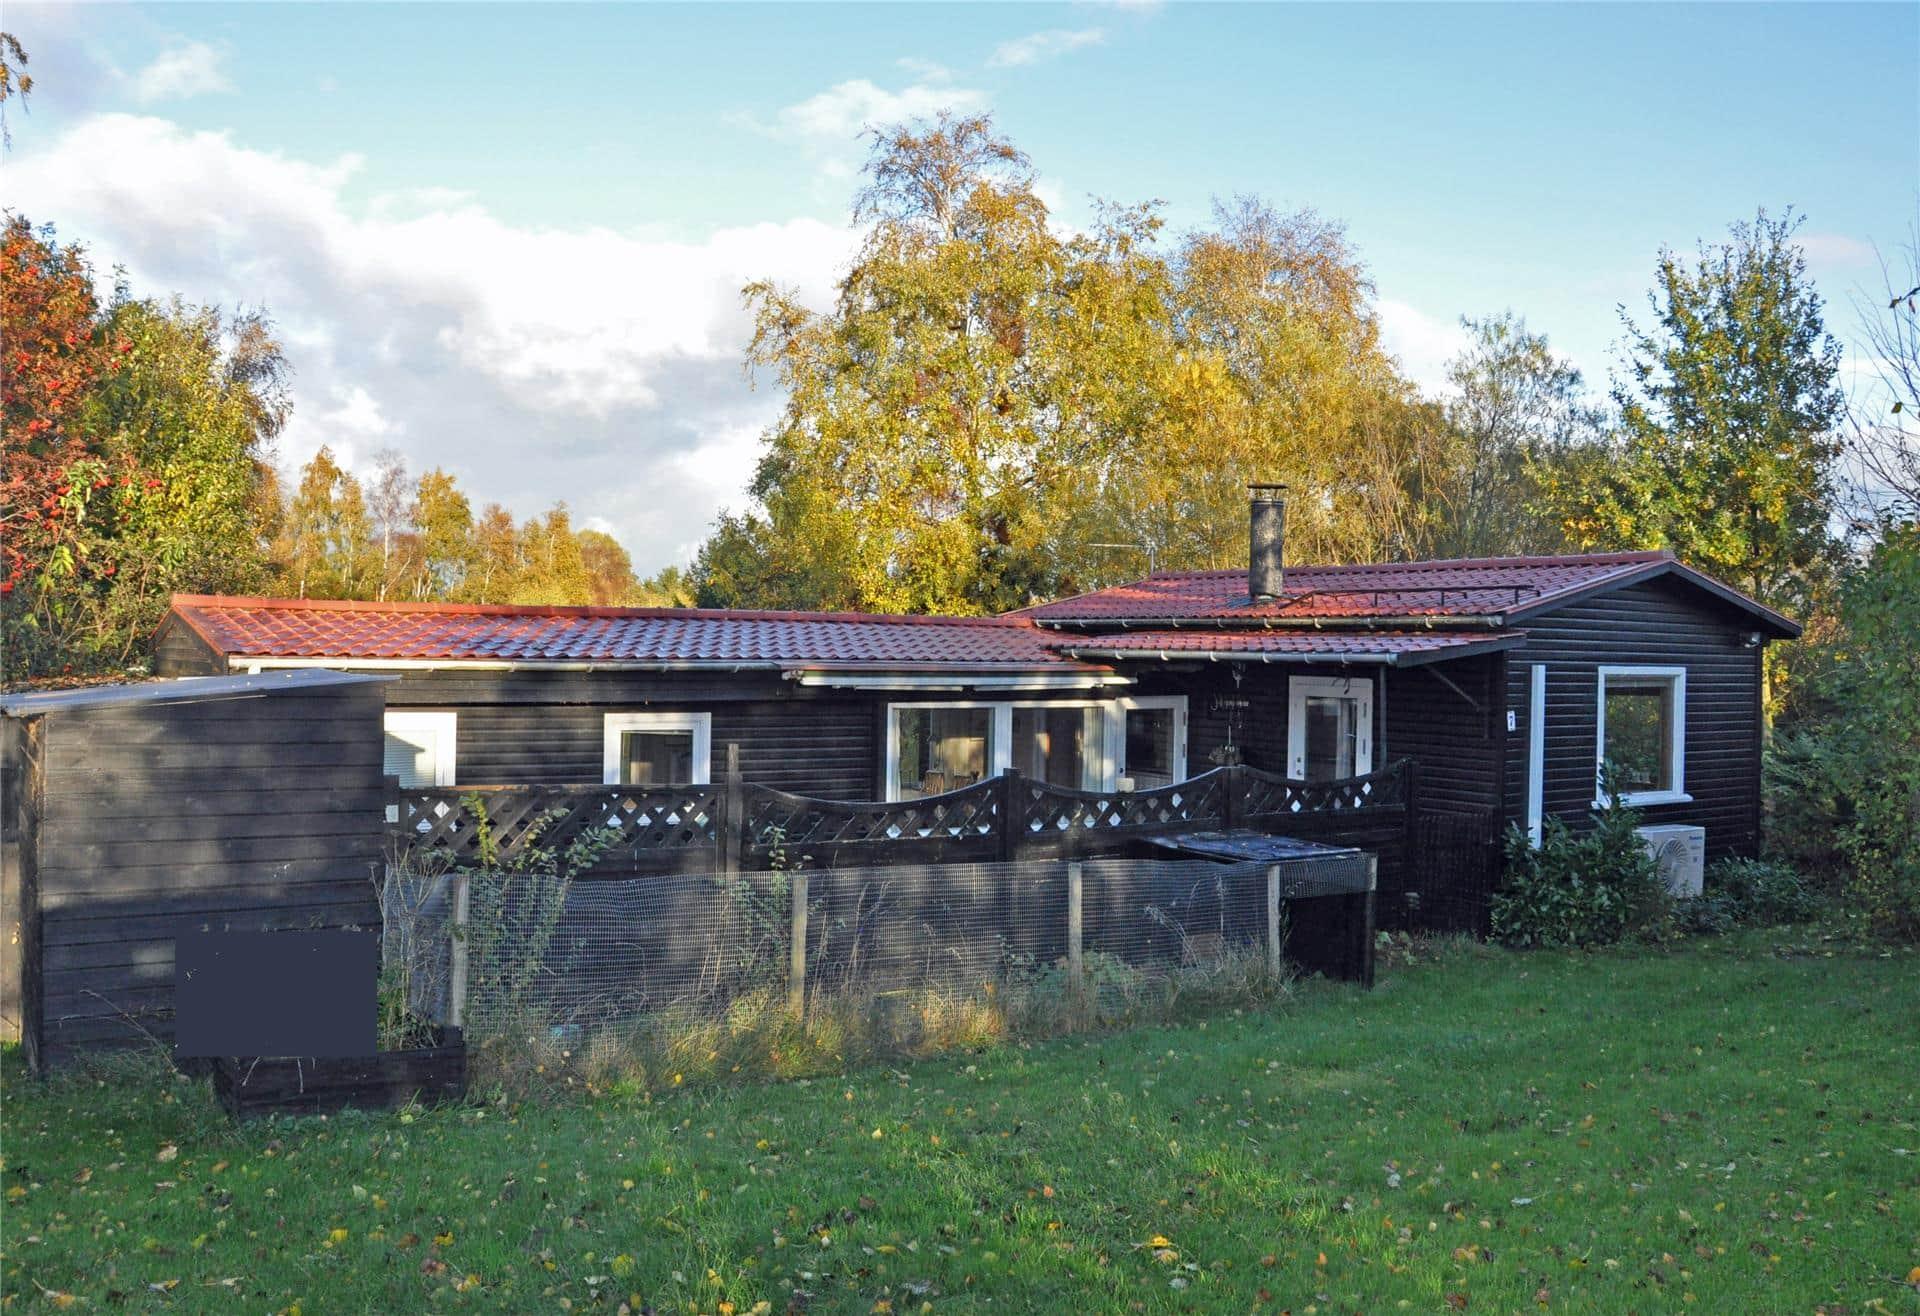 Billede 1-15 Sommerhus 1082, Ildtornvej 7, DK - 4780 Stege